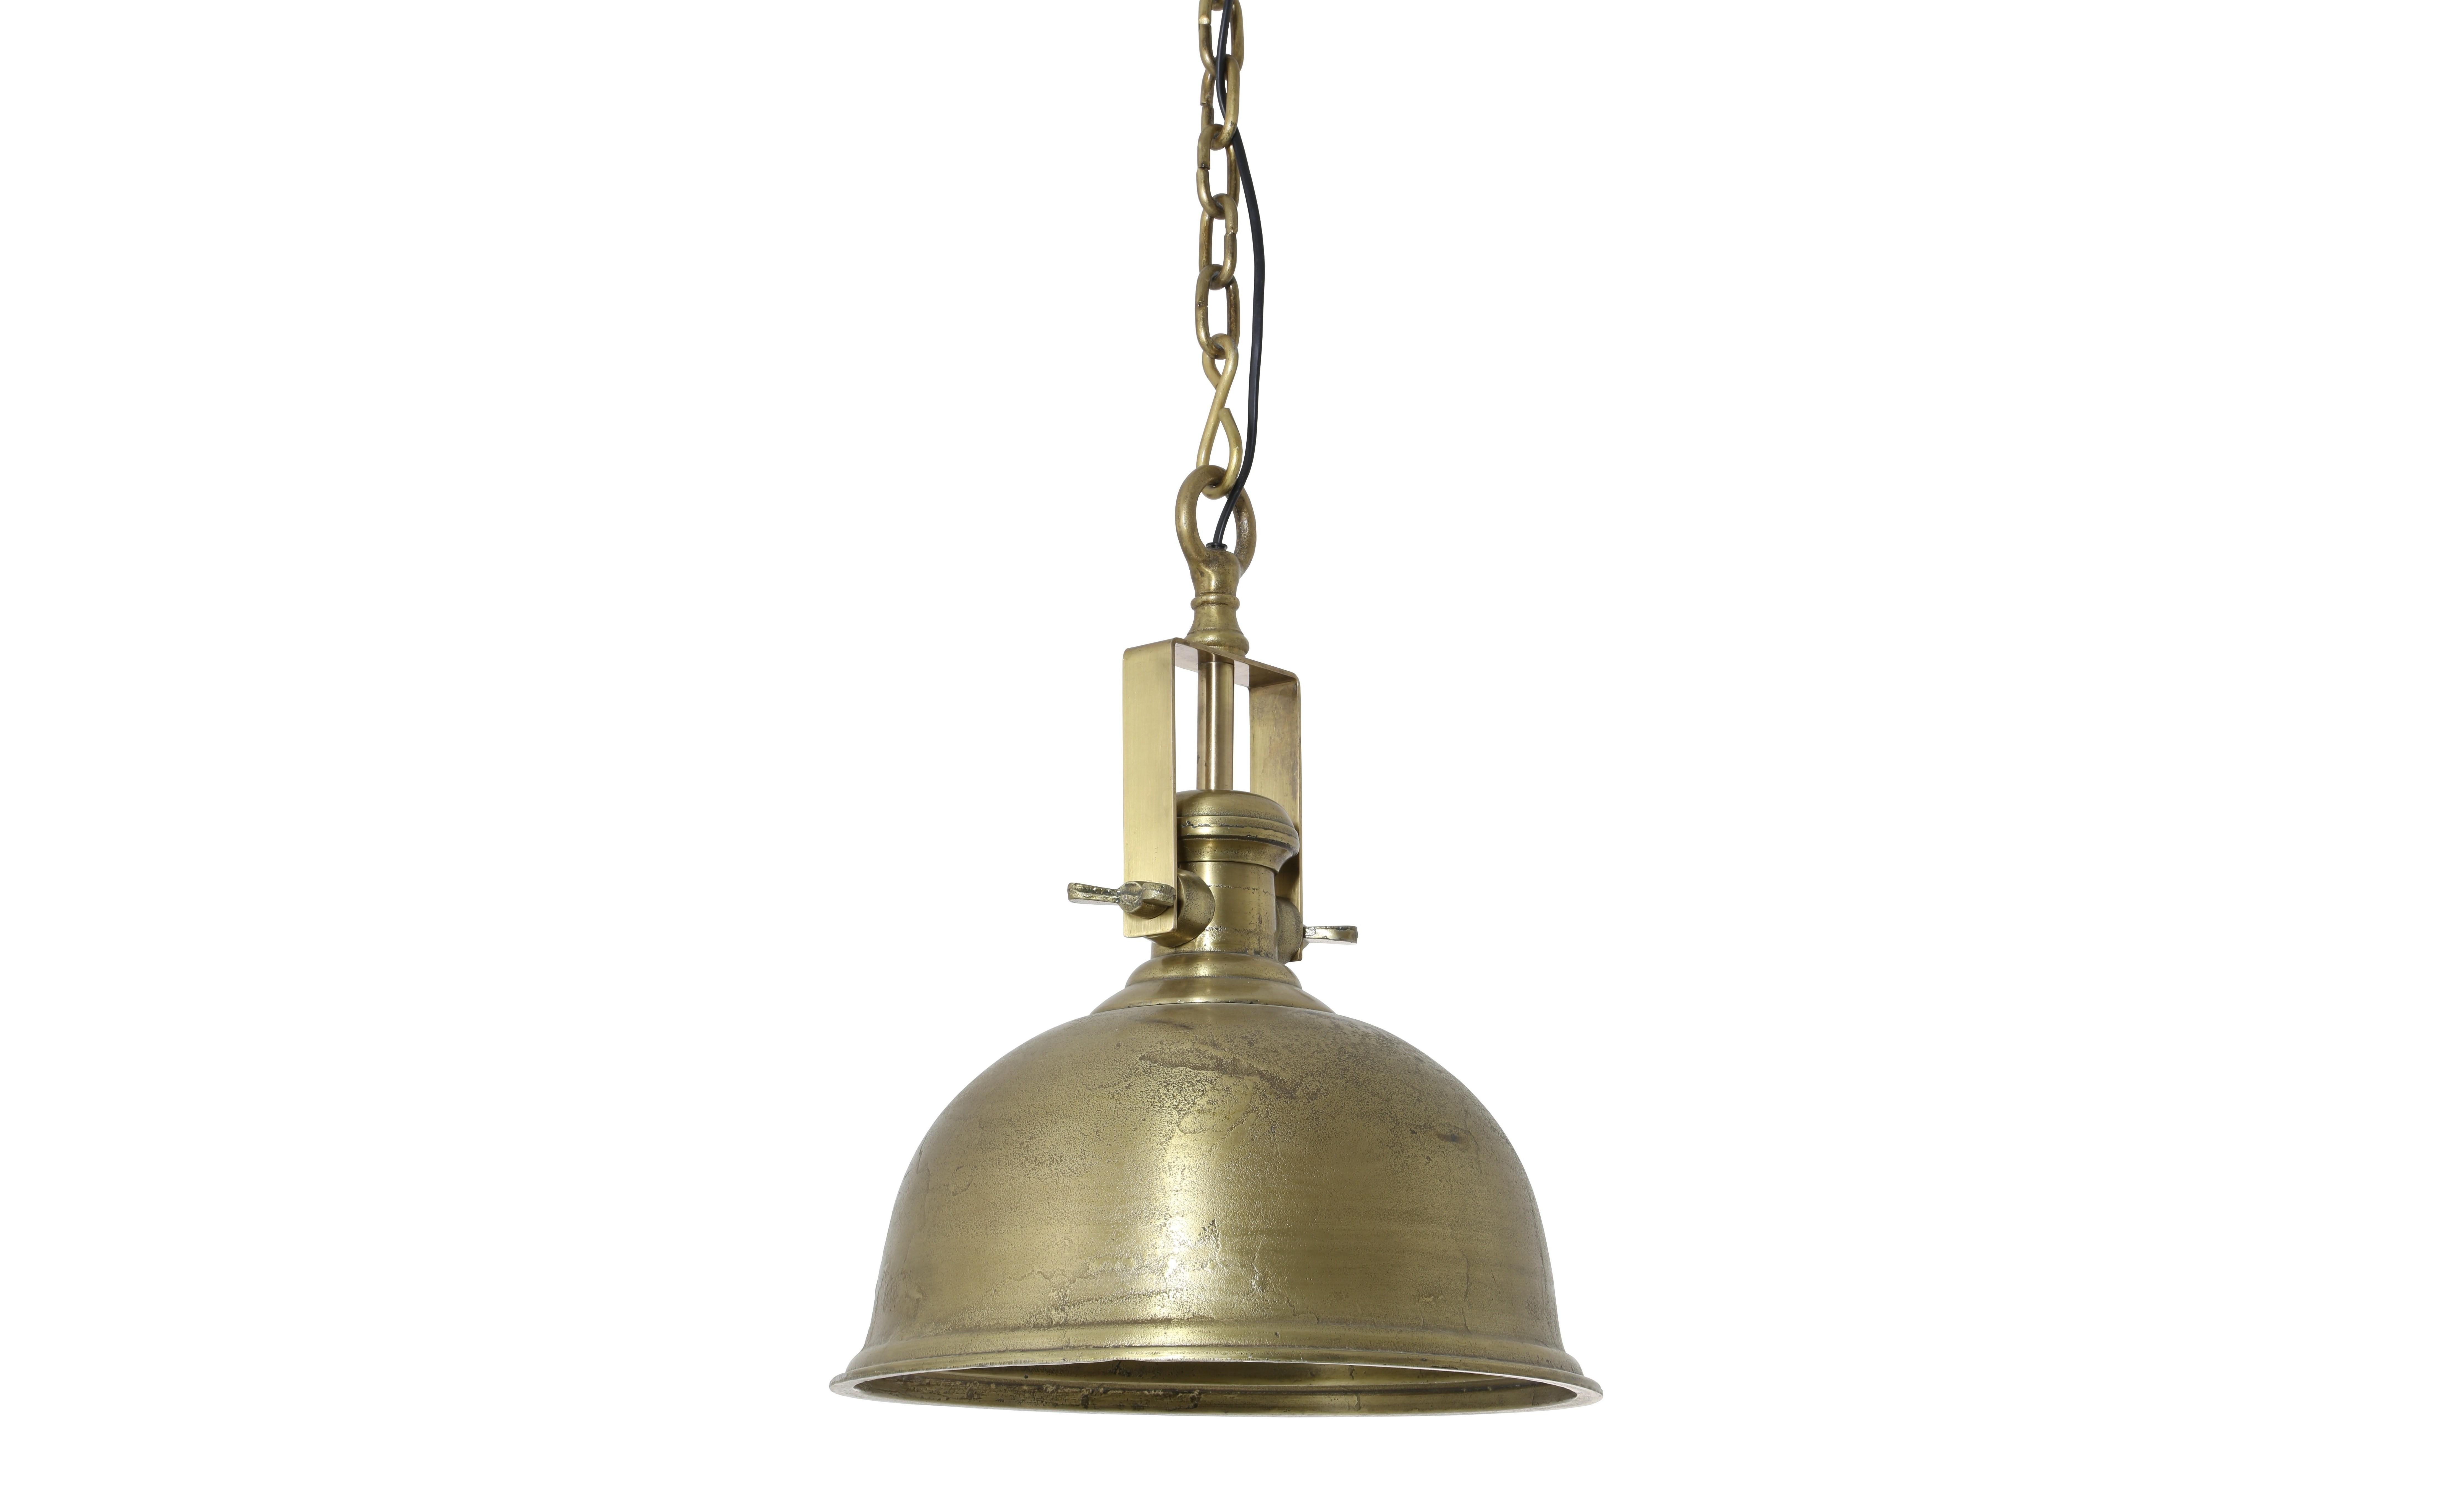 Потолочный светильник KennedyПодвесные светильники<br>Потолочный светильник золотого цвета от голландского бренда light &amp;amp;amp; living. Добавьте модные акценты стильного освещения в столовой, гостиной или на кухне.&amp;amp;nbsp;&amp;lt;div&amp;gt;&amp;lt;br&amp;gt;&amp;lt;div&amp;gt;Вид цоколя: Е27,&amp;amp;nbsp;&amp;lt;/div&amp;gt;&amp;lt;div&amp;gt;Мощность лампочки: 40W,&amp;amp;nbsp;&amp;lt;/div&amp;gt;&amp;lt;div&amp;gt;Кол-во лампочек 1 (в комплект не входит).&amp;lt;/div&amp;gt;&amp;lt;/div&amp;gt;<br><br>Material: Металл<br>Height см: 48<br>Diameter см: 38